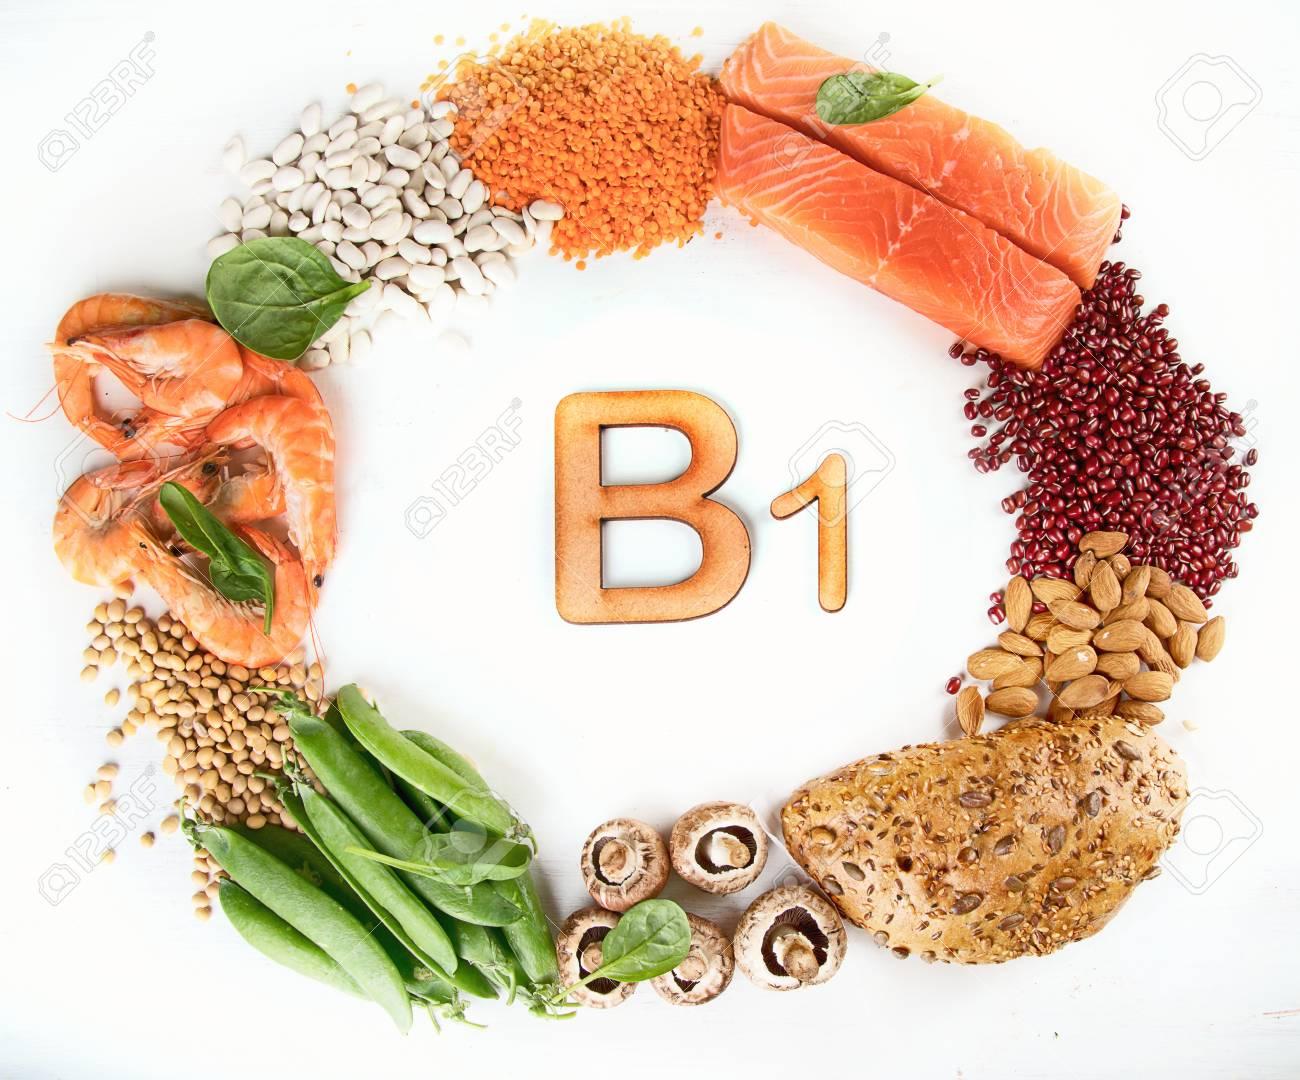 Các loại đậu, hạt, thịt nạc heo là nguồn Vitamin B1 dồi dào giúp tóc khỏe đẹp